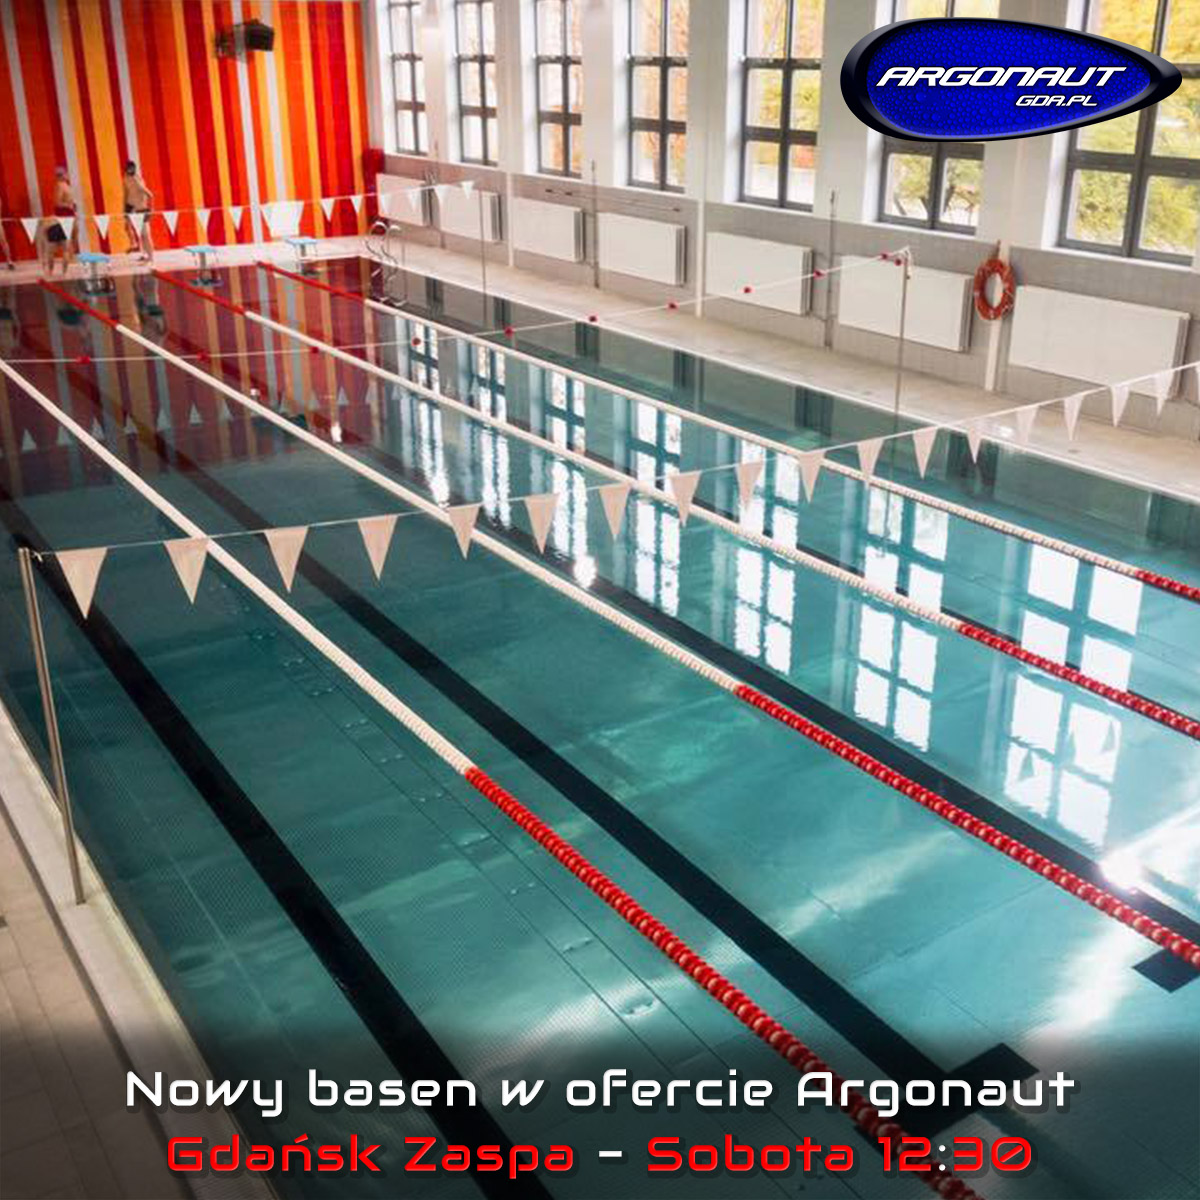 NOWY BASEN W OFERCIE ARGONAUT!!! Nowy termin i lokalizacja zajęć w ofercie Argonaut. Pływalnia kryta Gdańsk Zaspa - Sobota 12:30.